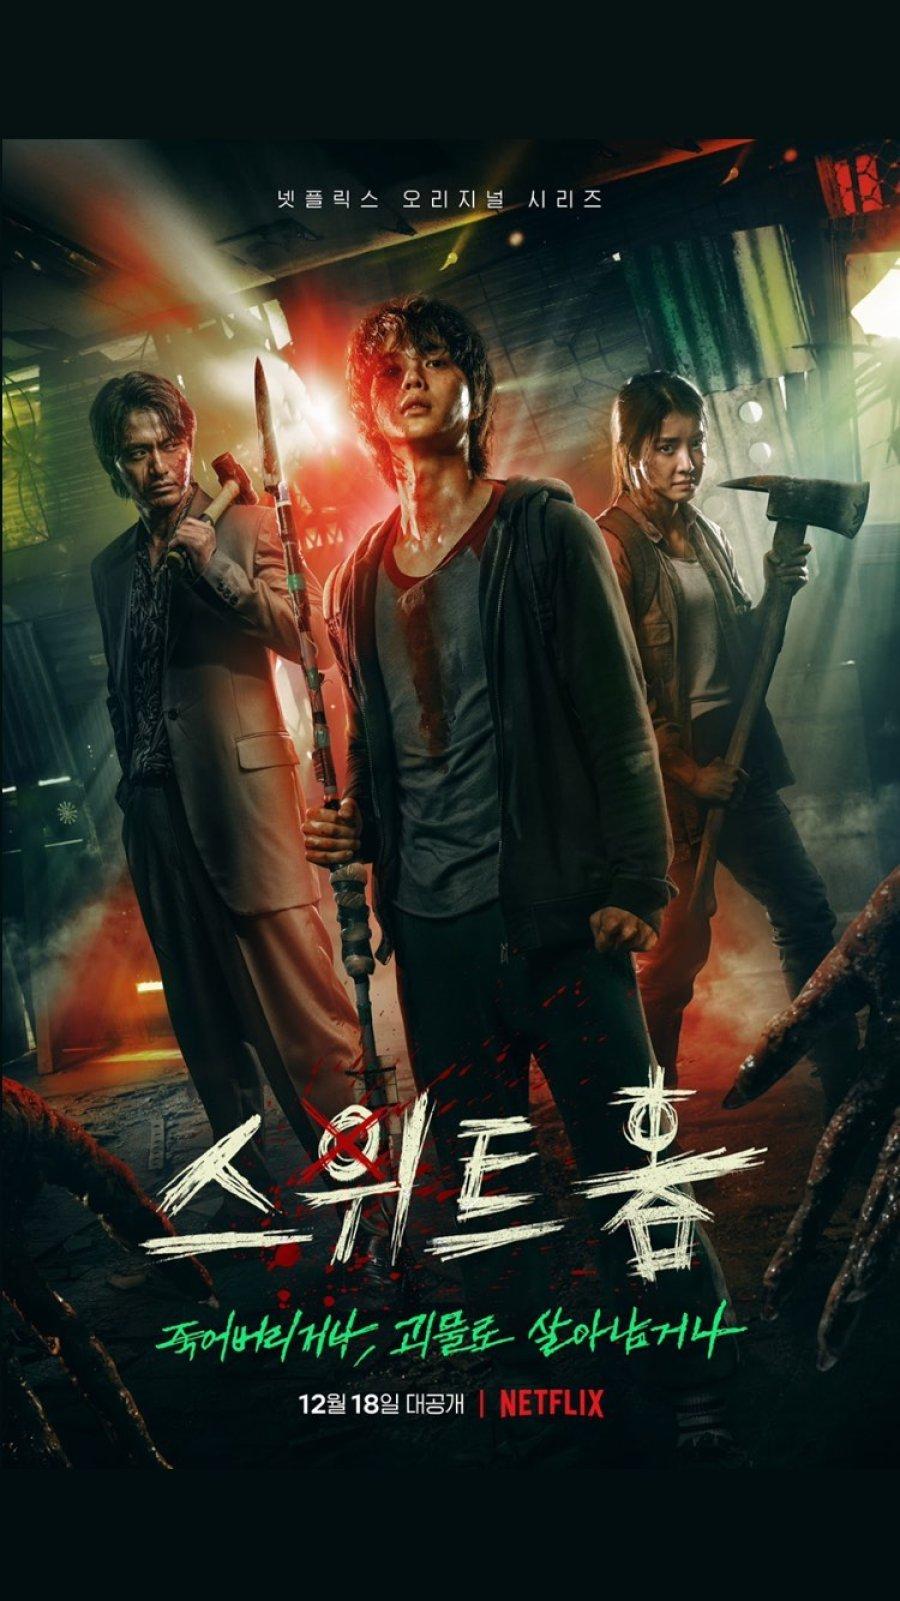 sweet home serie de terror coreana netflix - Sweet Home   Netflix divulga trailer da nova série sul-coreana de terror